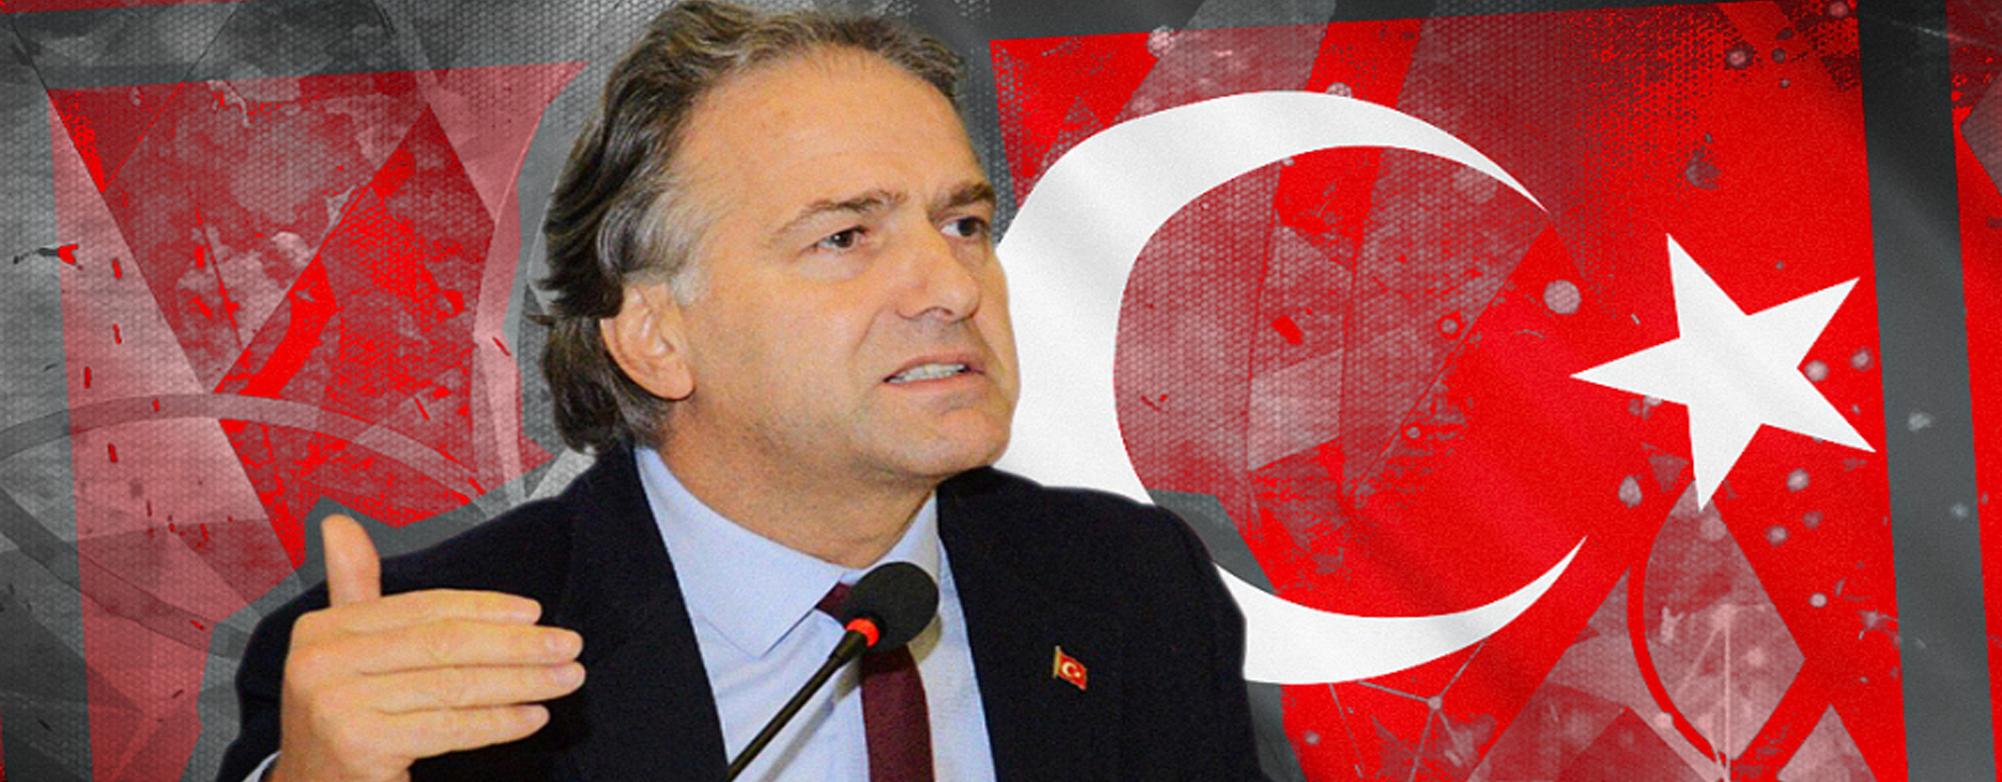 Советник Эрдогана рассказал о планах по укреплению сотрудничества Турции и России